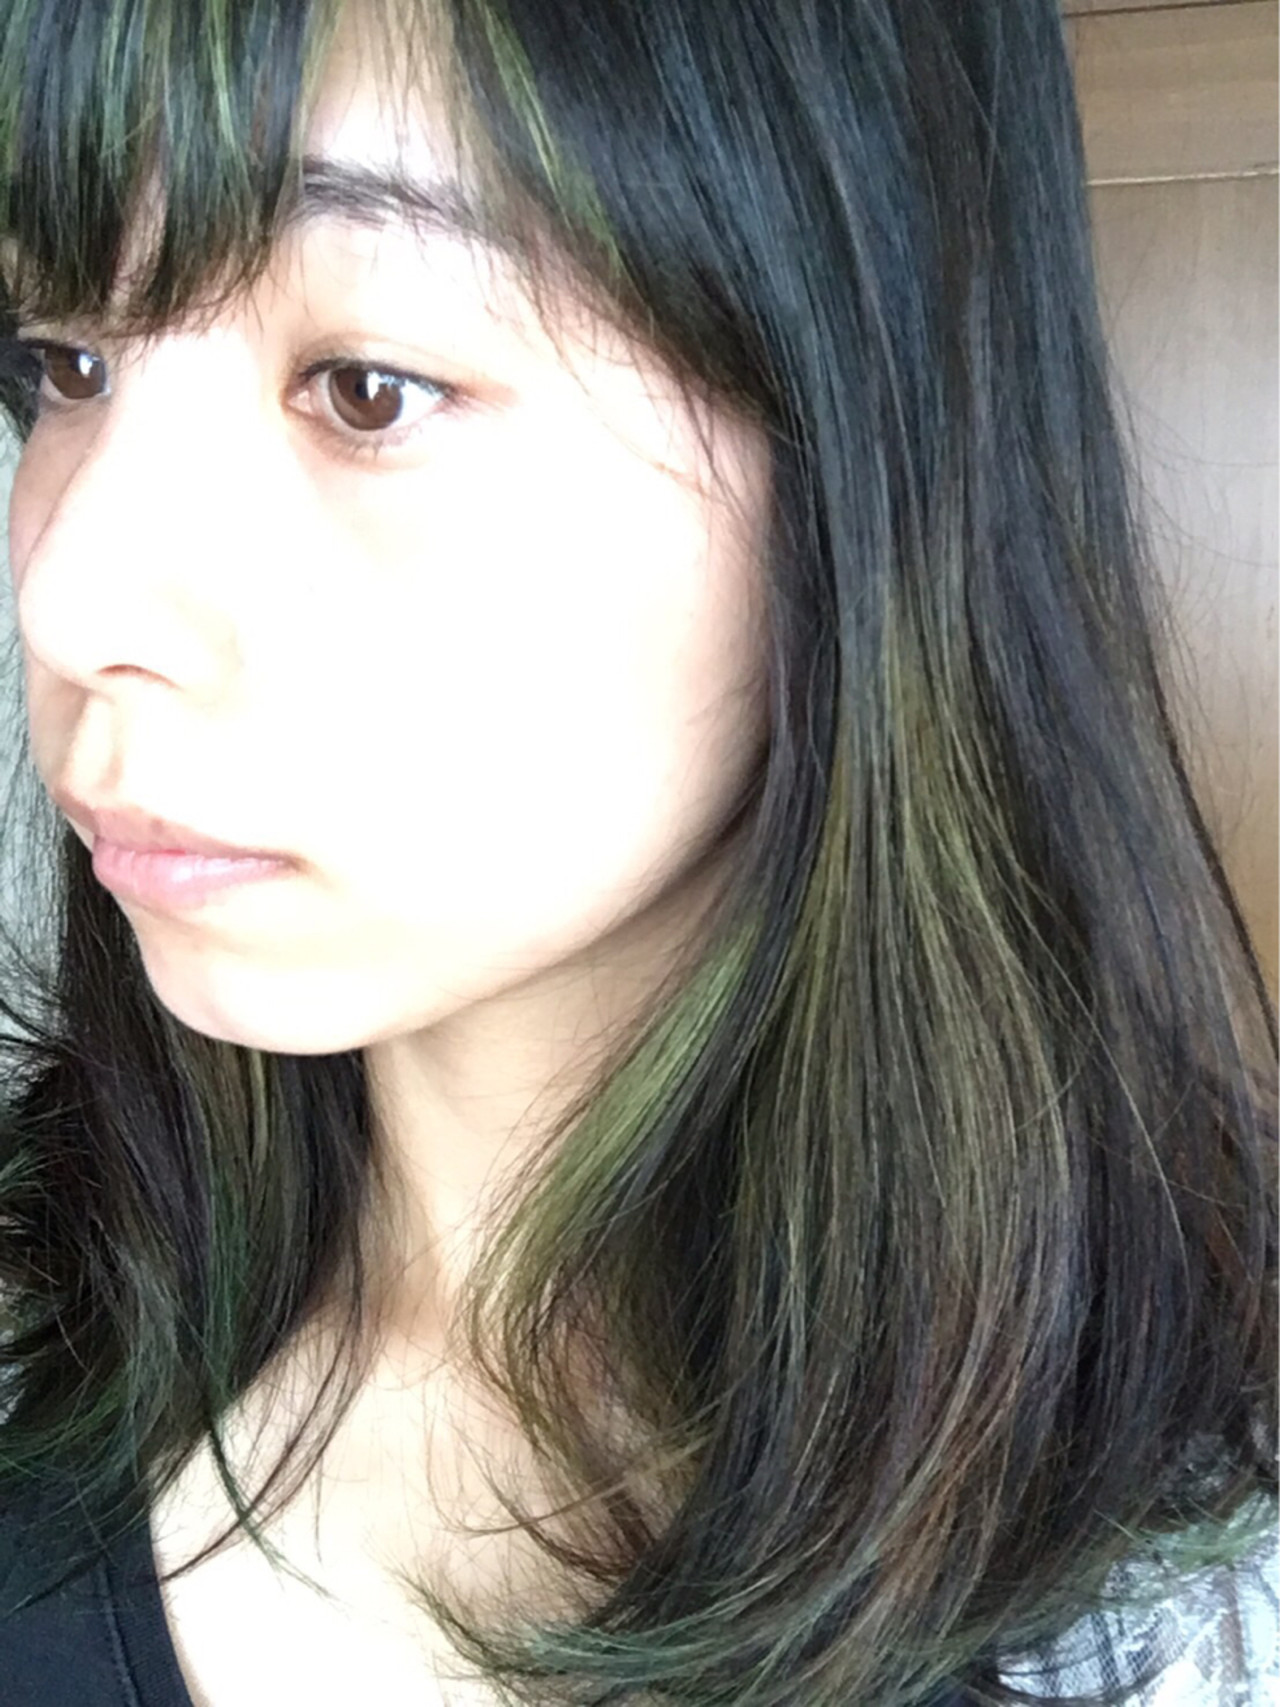 ミディアム ストリート くせ毛風 グリーン ヘアスタイルや髪型の写真・画像 | 原田 祐作 / 35(hachi)